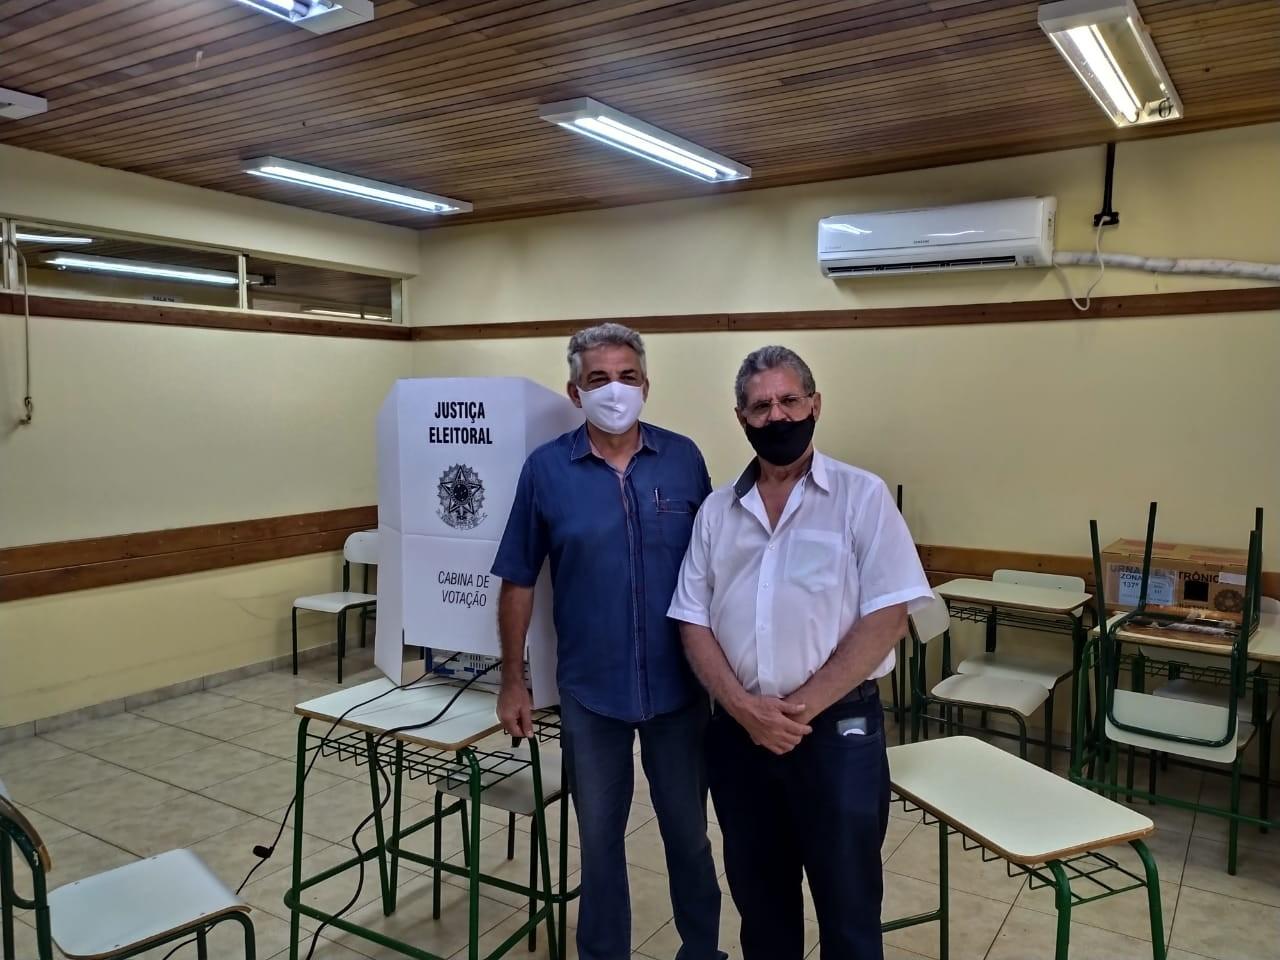 Candidato Valdir Pignata (Cidadania) (à esquerda) / foto: divulgação